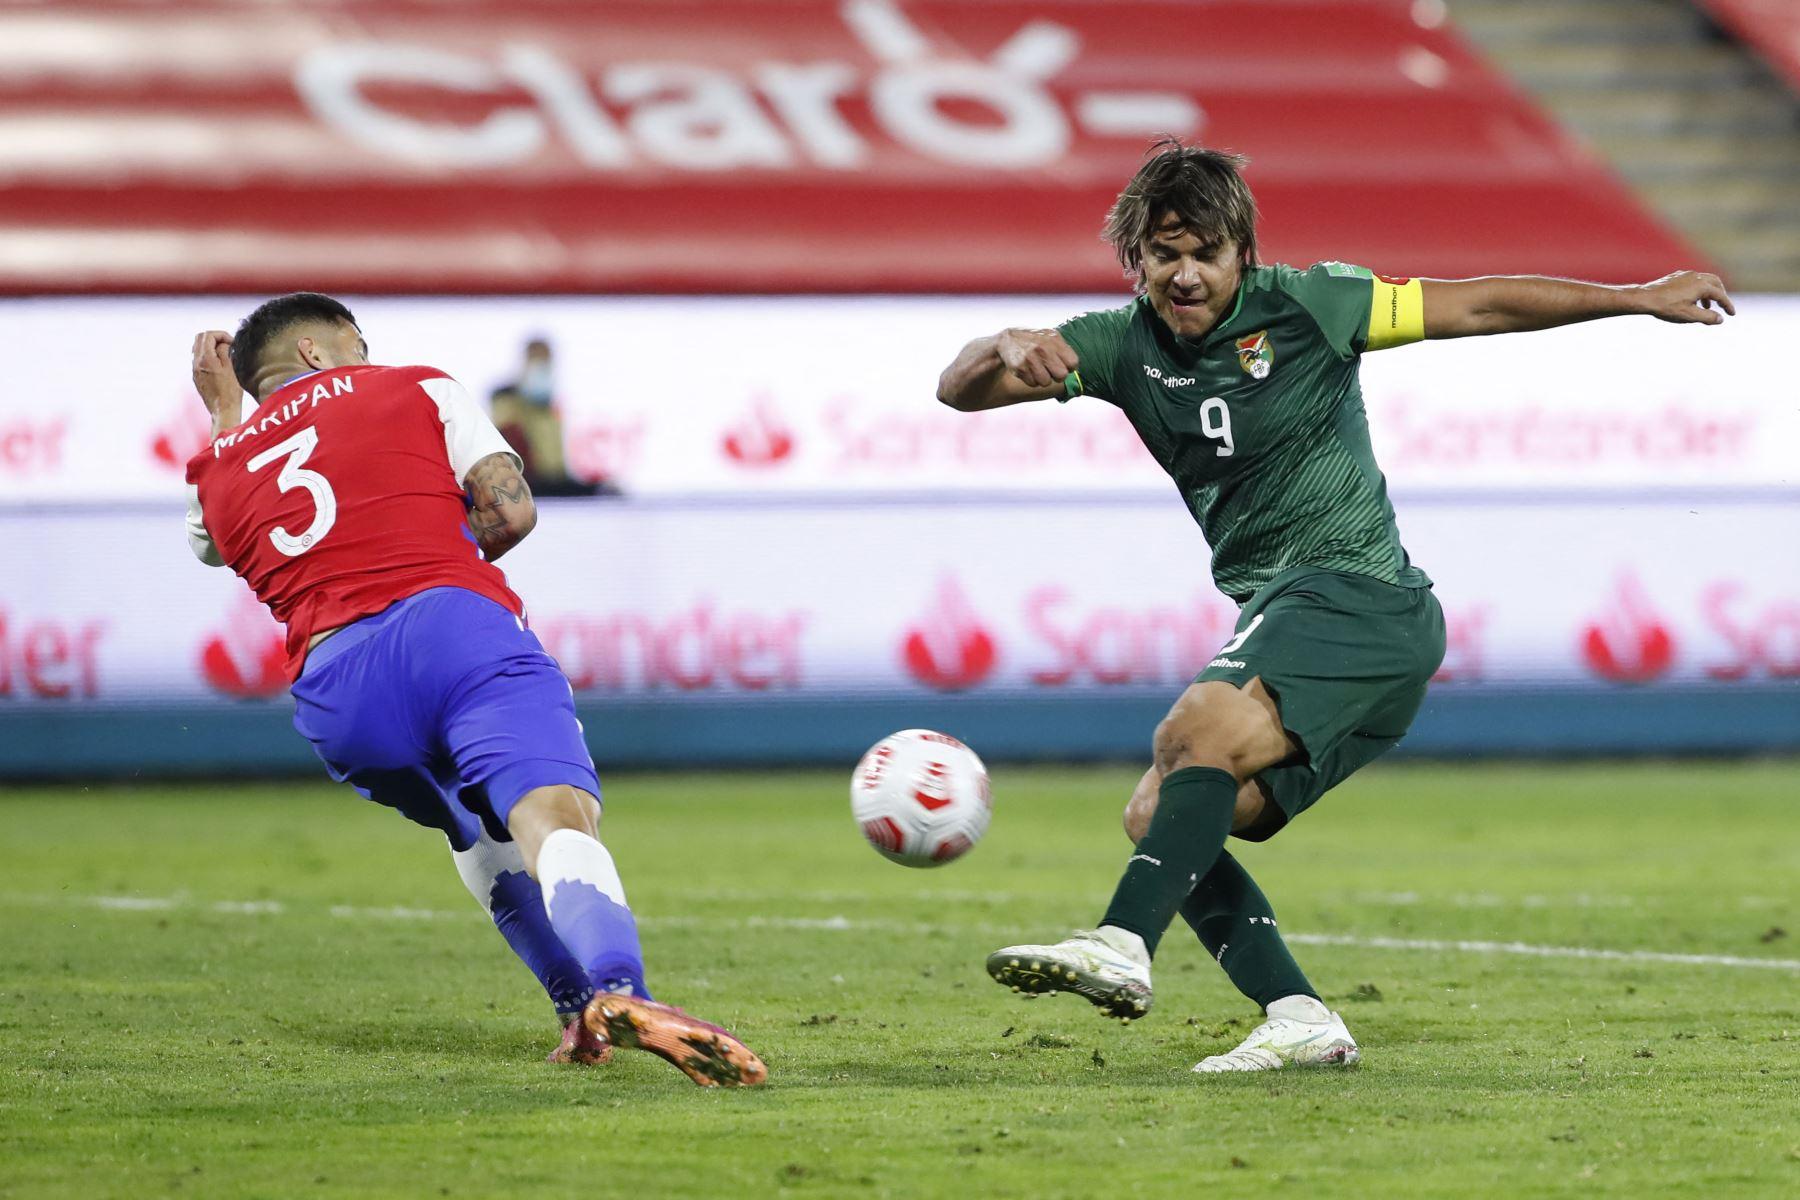 El chileno Guillermo Maripan  y el boliviano Marcelo Martins compiten por el balón durante el partido de clasificación sudamericano para la Copa Mundial de la FIFA Qatar 2022 en el Estadio Nacional de Santiago. Foto: AFP